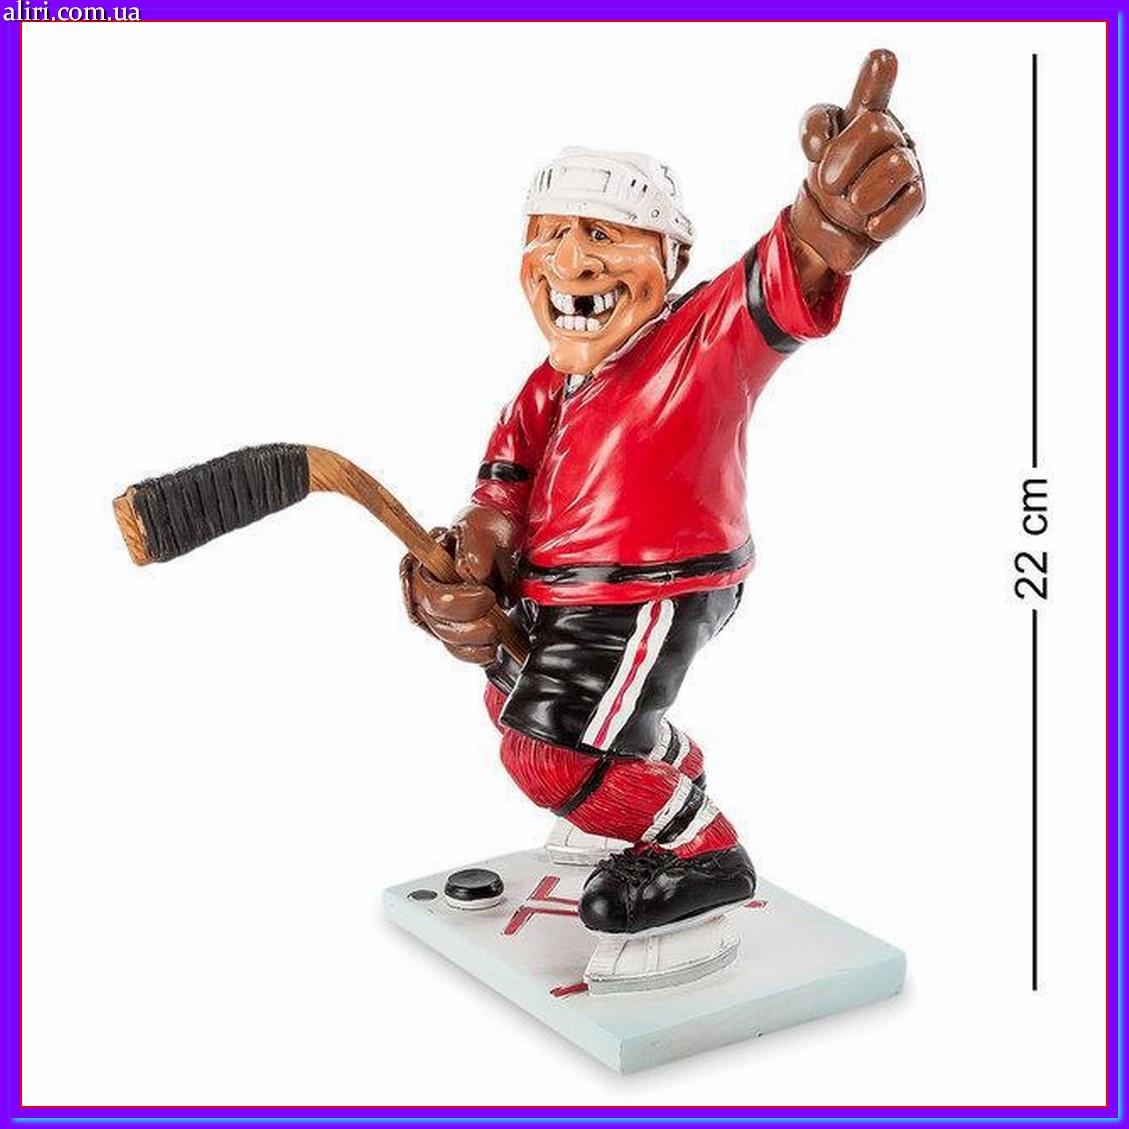 Статуэтка Хоккеист 22 см W.Stratford, прикольный подарок спортсмену